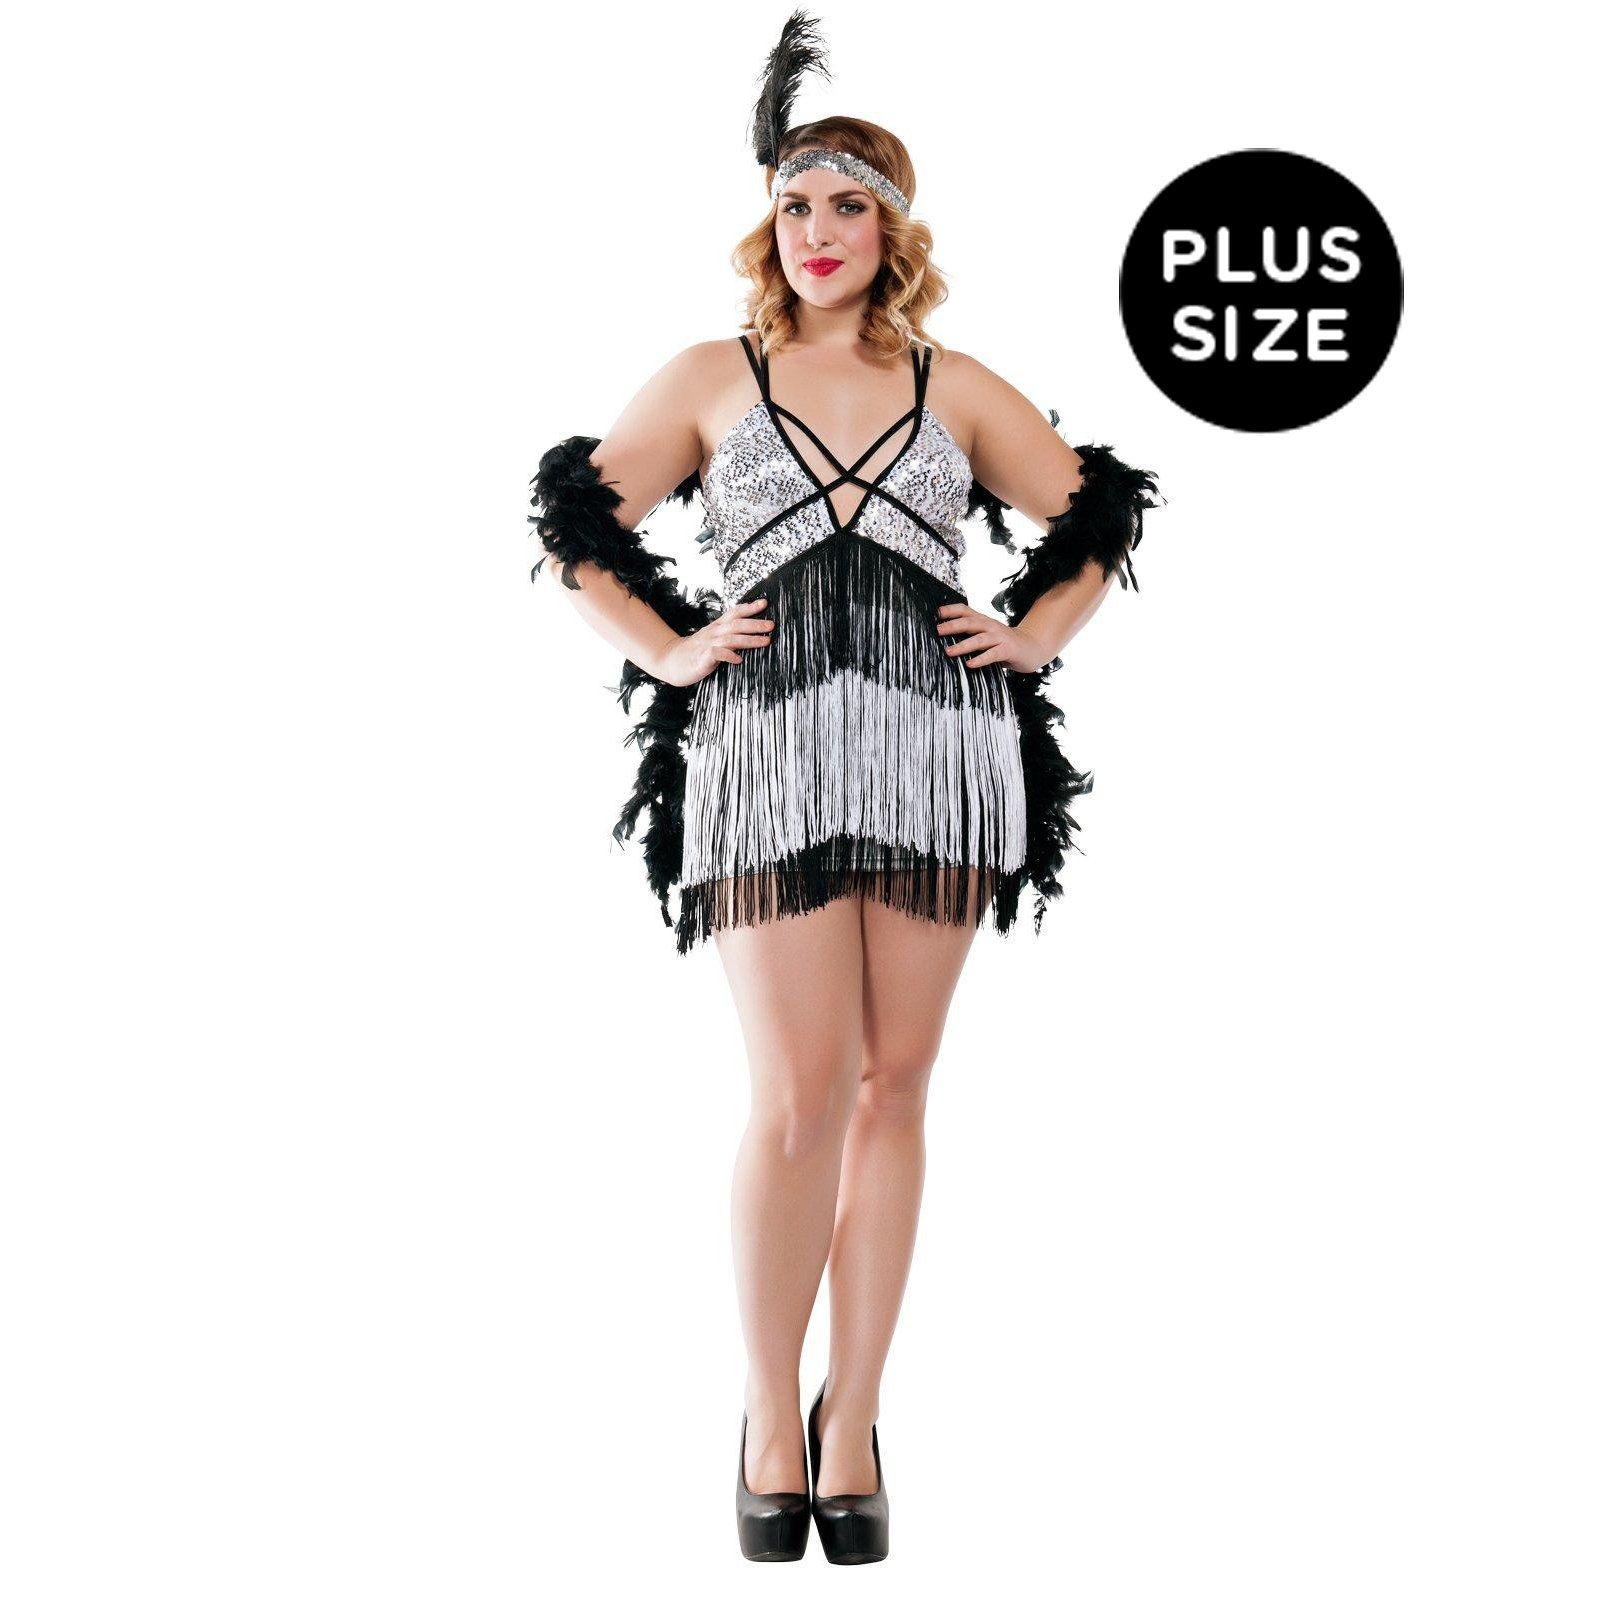 Boardwalk Flapper Costume for Plus Size Women from